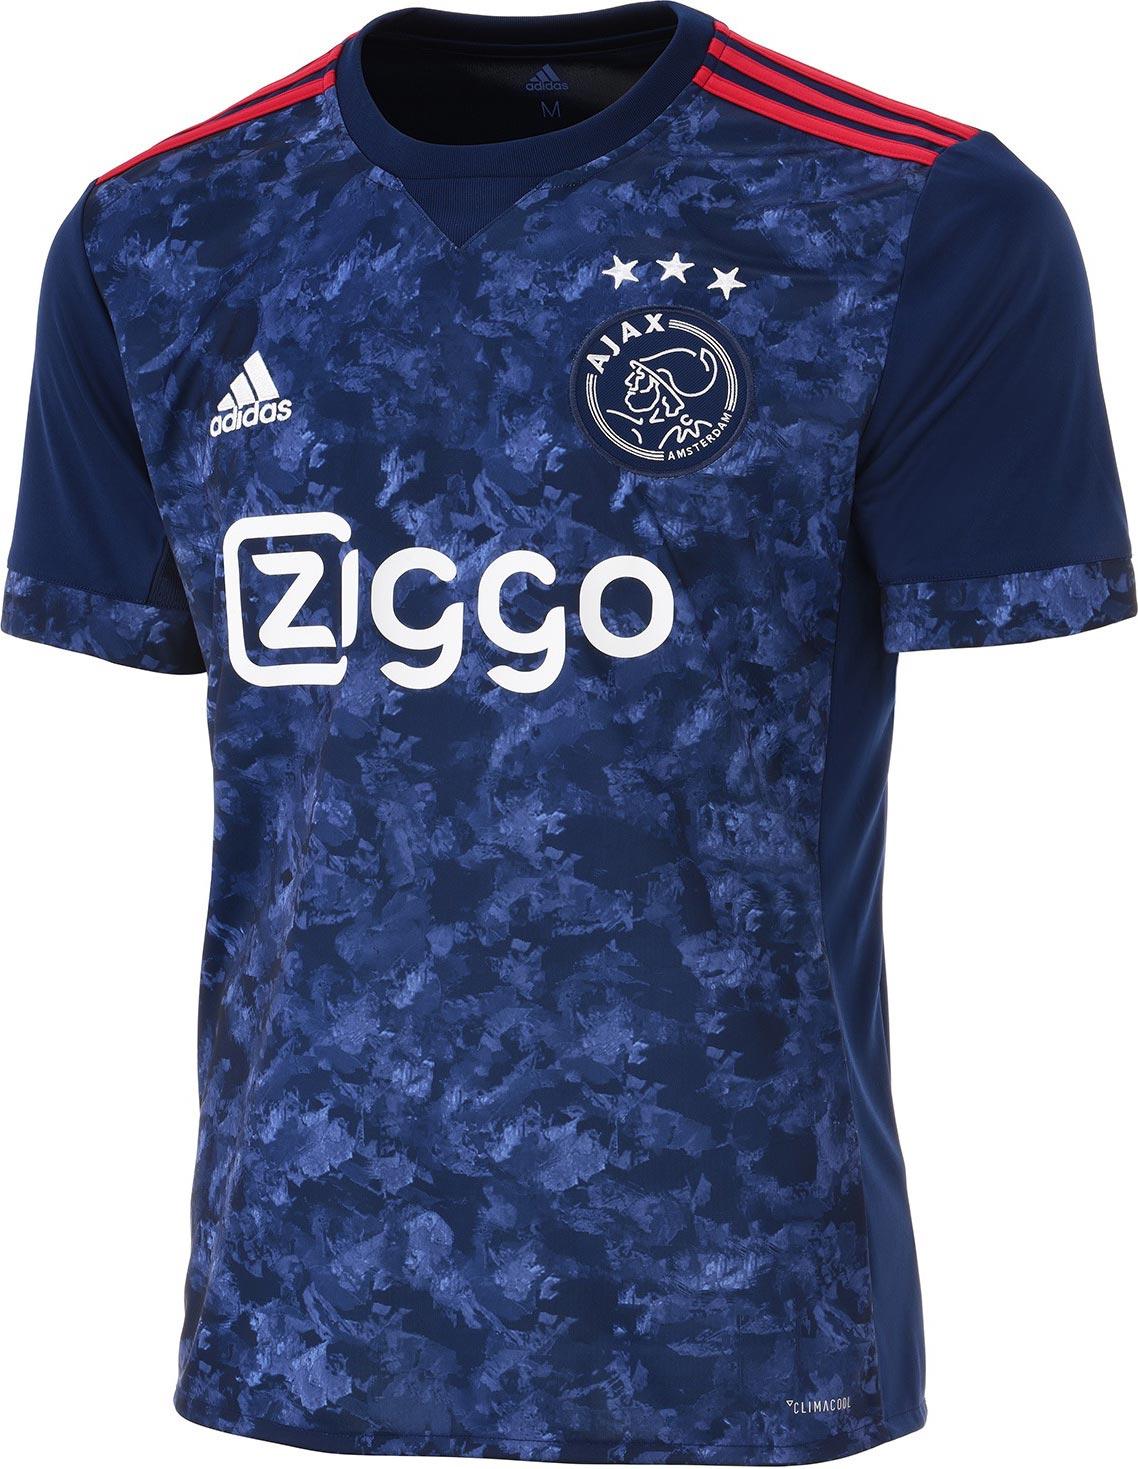 Ajax Tujuh Delapan Away Kit Released Footy Headlines